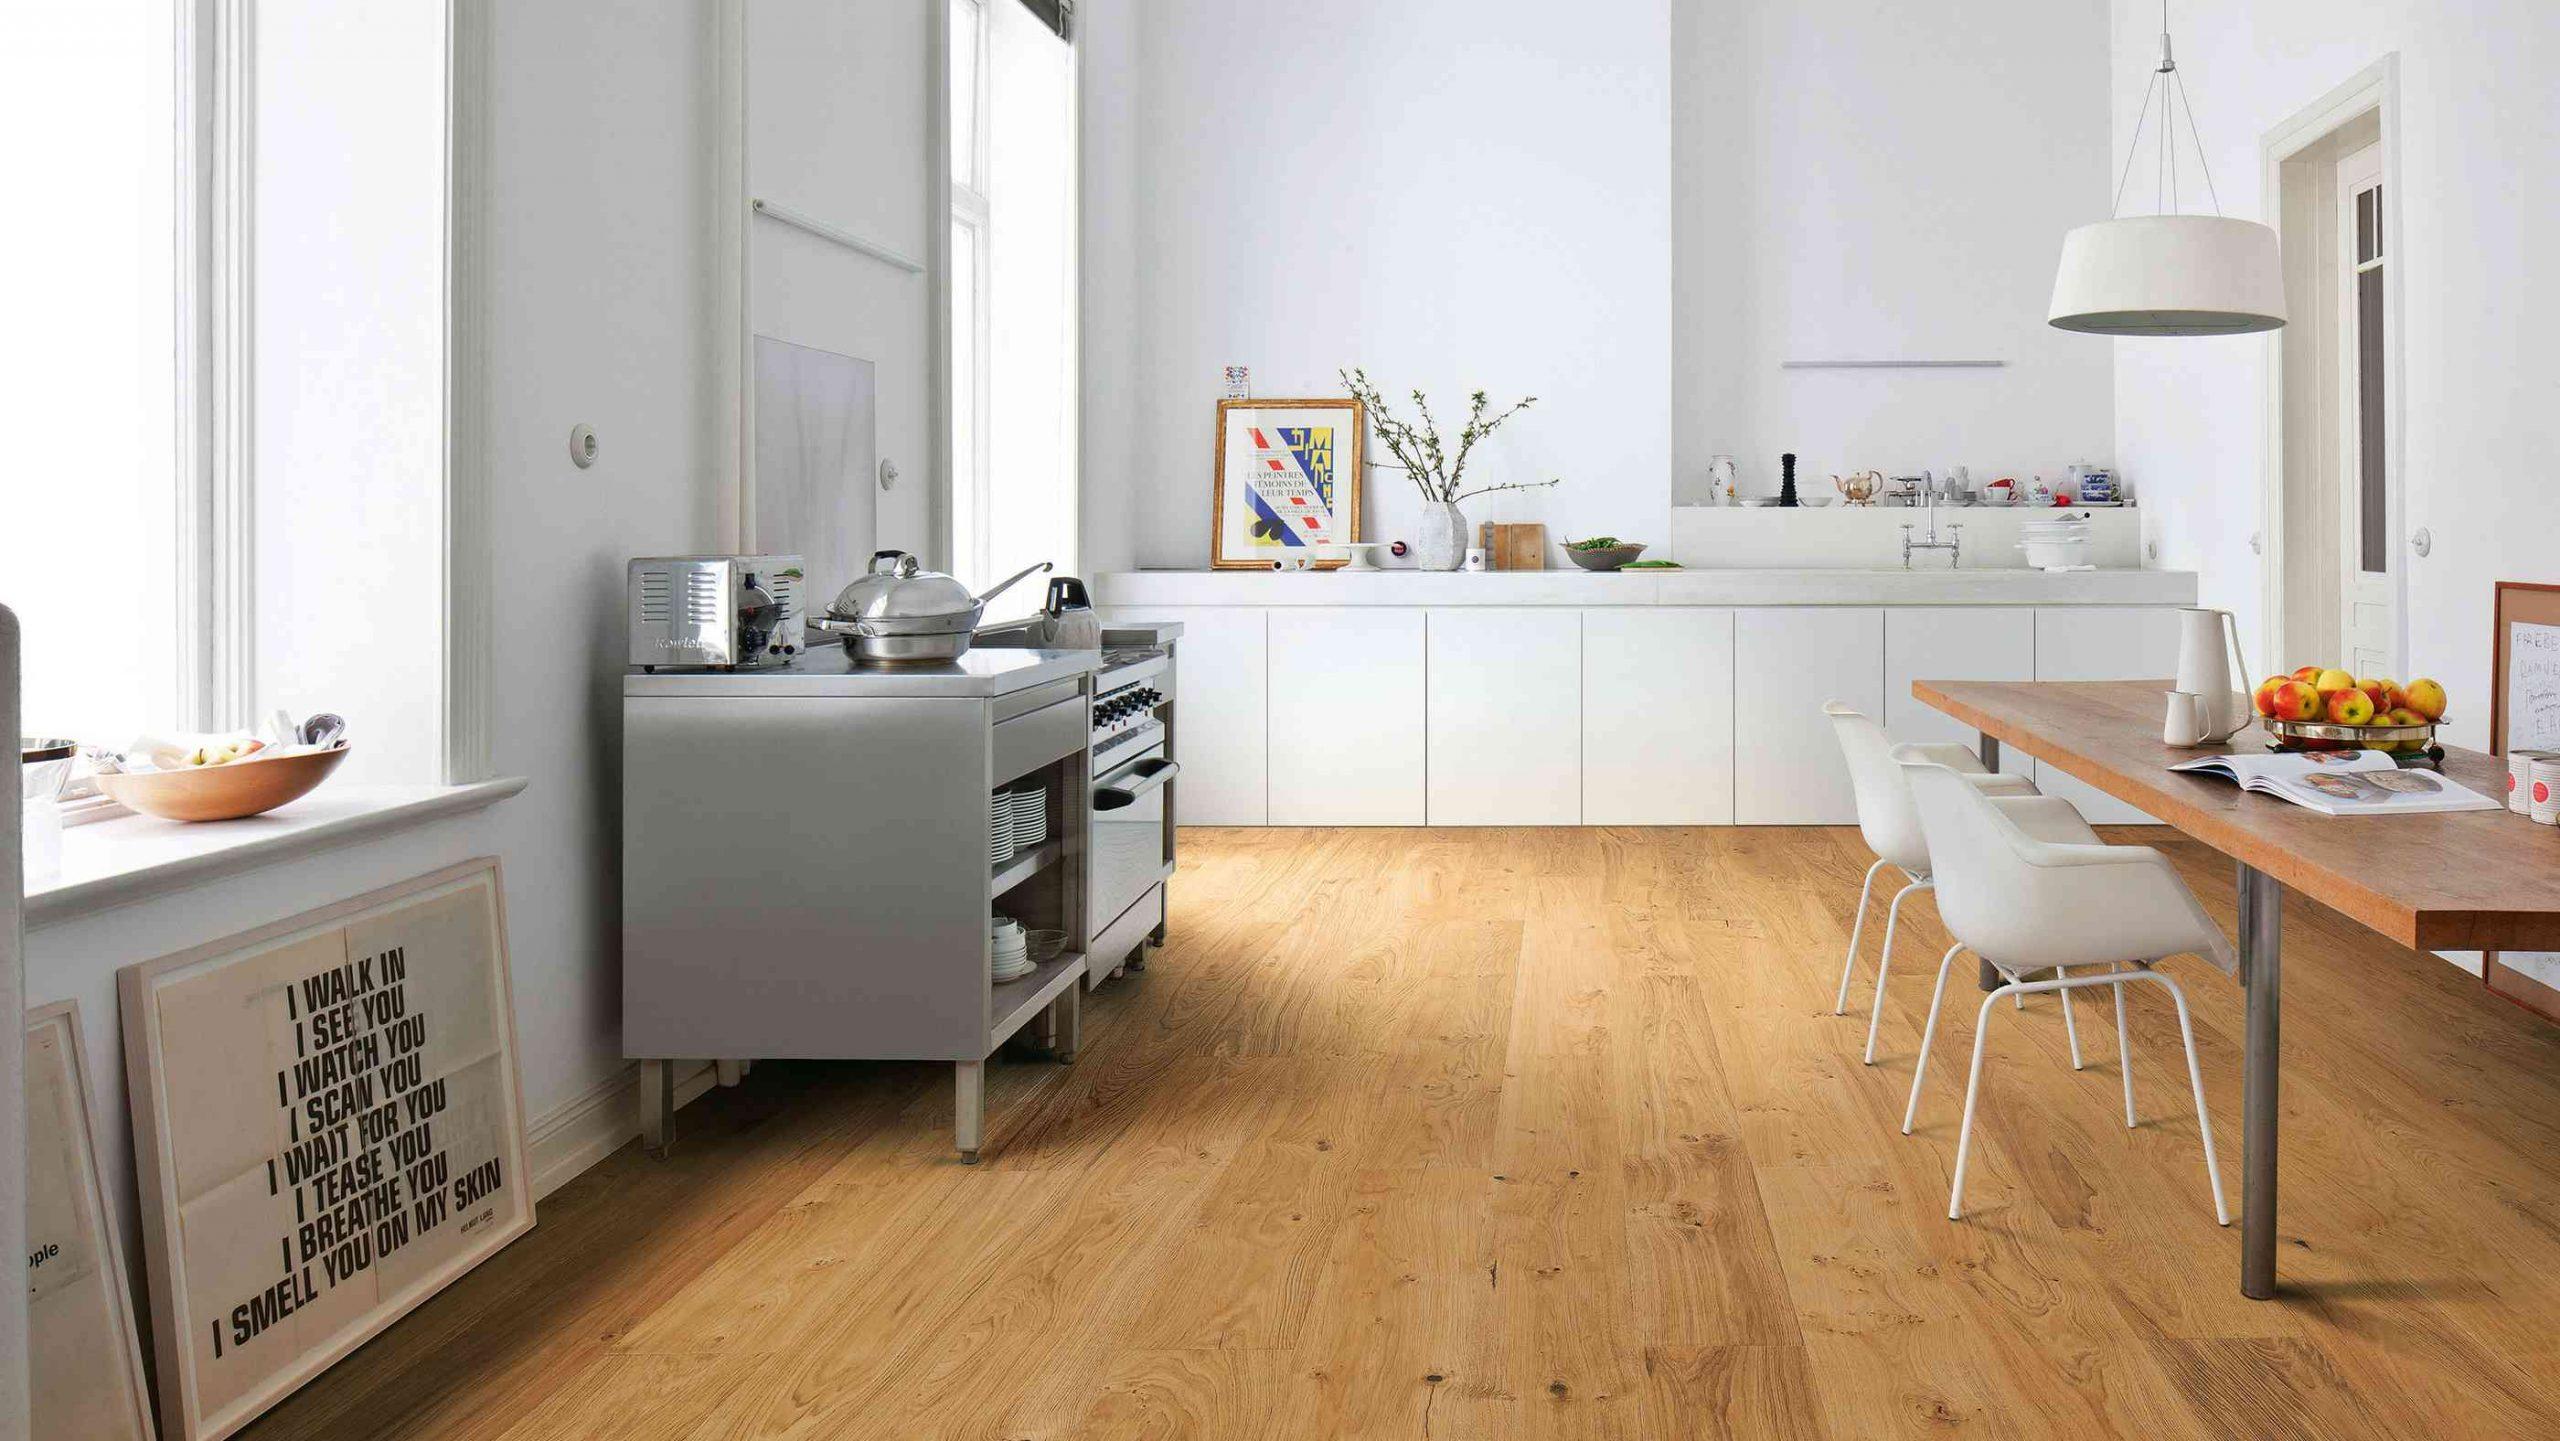 Full Size of Bodenbelag Küche Poco Bodenschutz Küche Bodenbelag Küche Verlegen Küche Boden Arbeitsplatte Küche Bodenbelag Küche